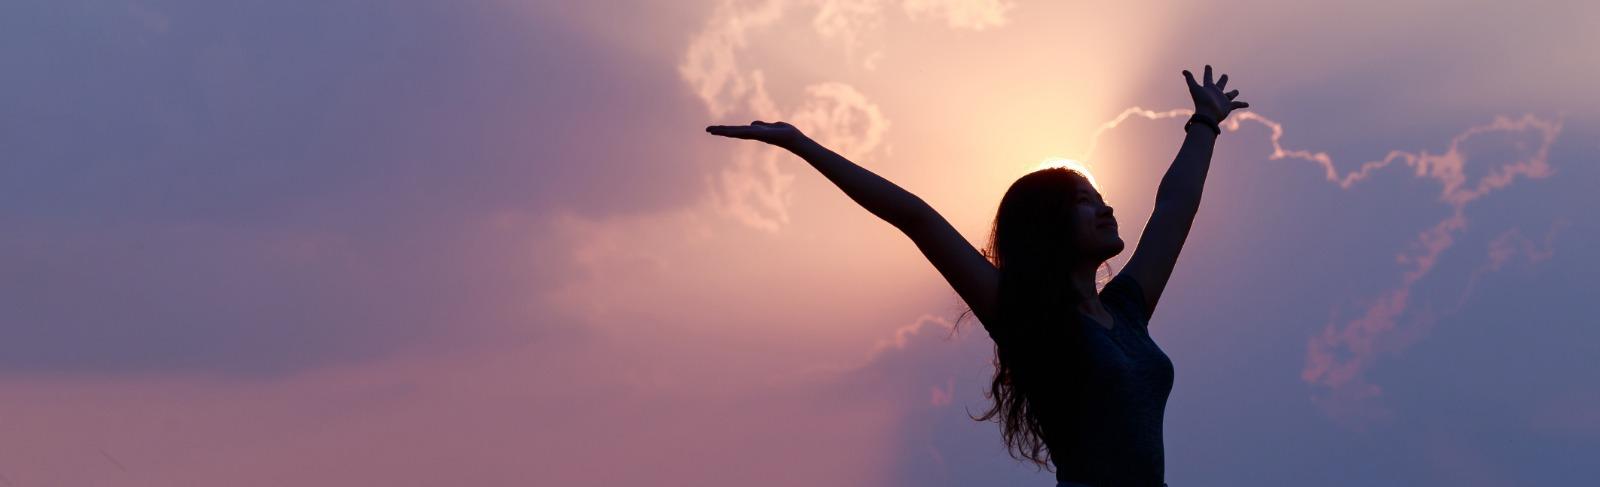 Frau-symbolisiert-Freiheit-Transformationsprozess